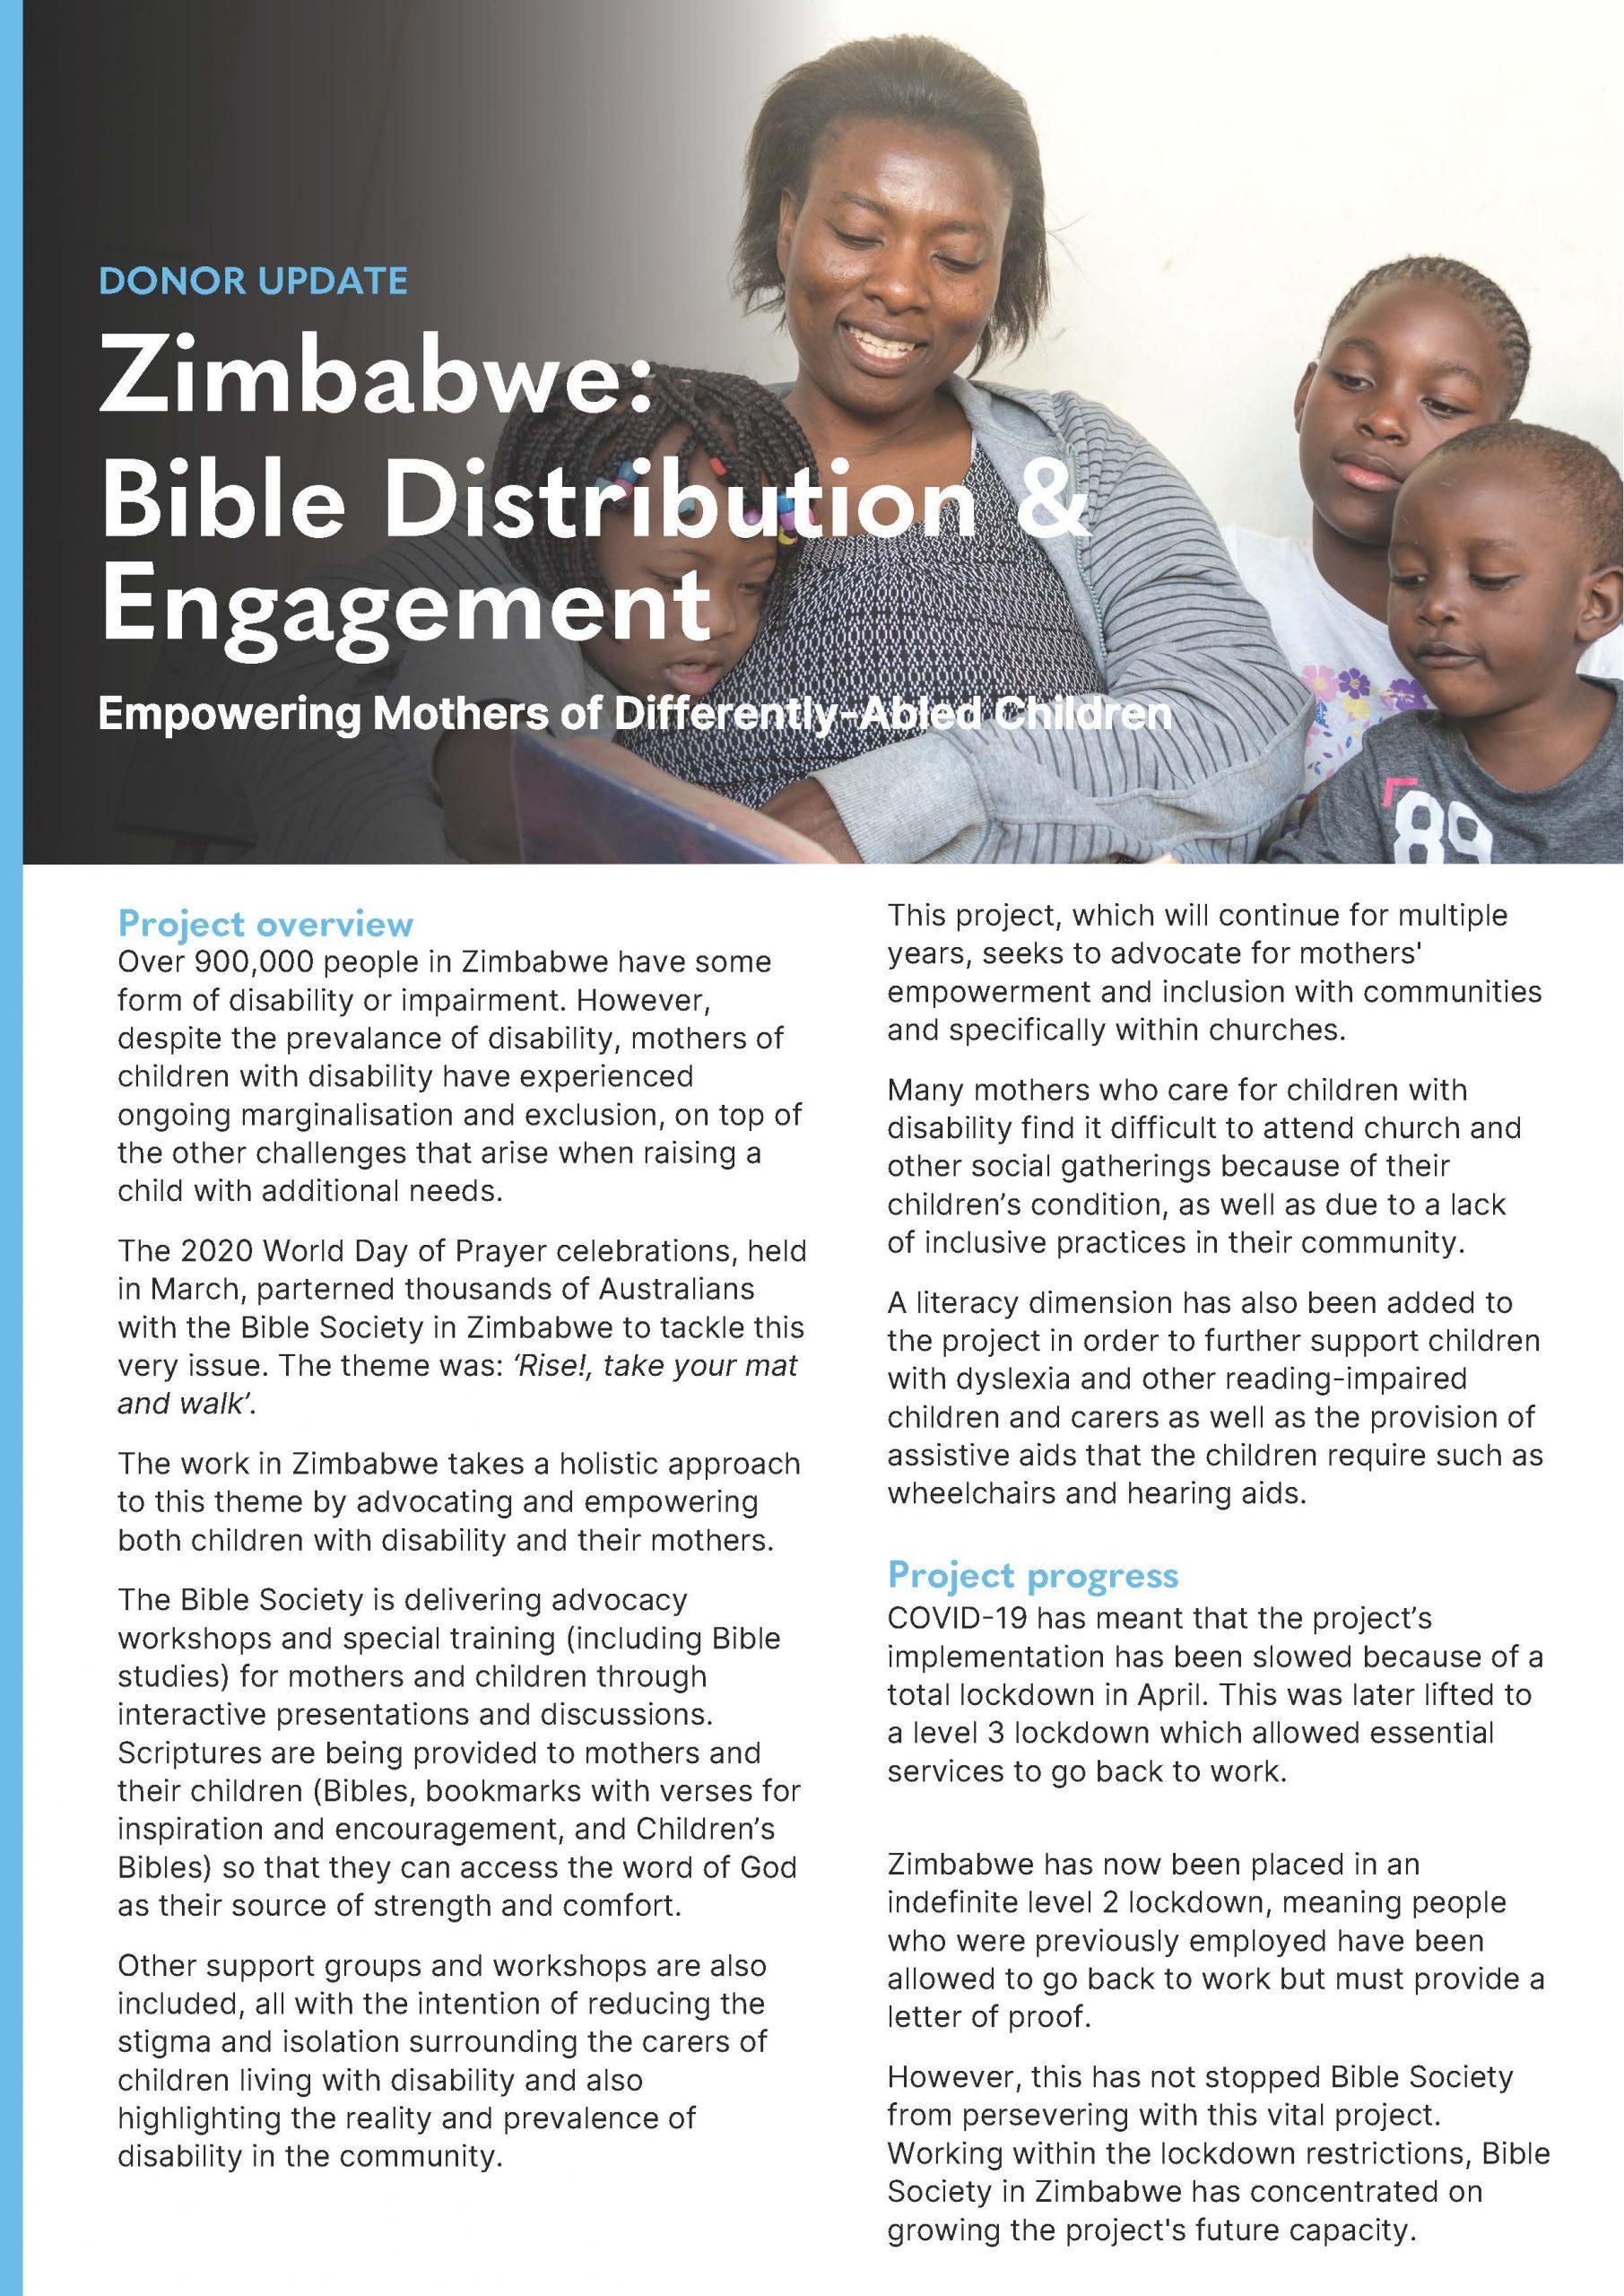 DONOR UPDATE Zimbabwe: Bible Distribution & Engagement